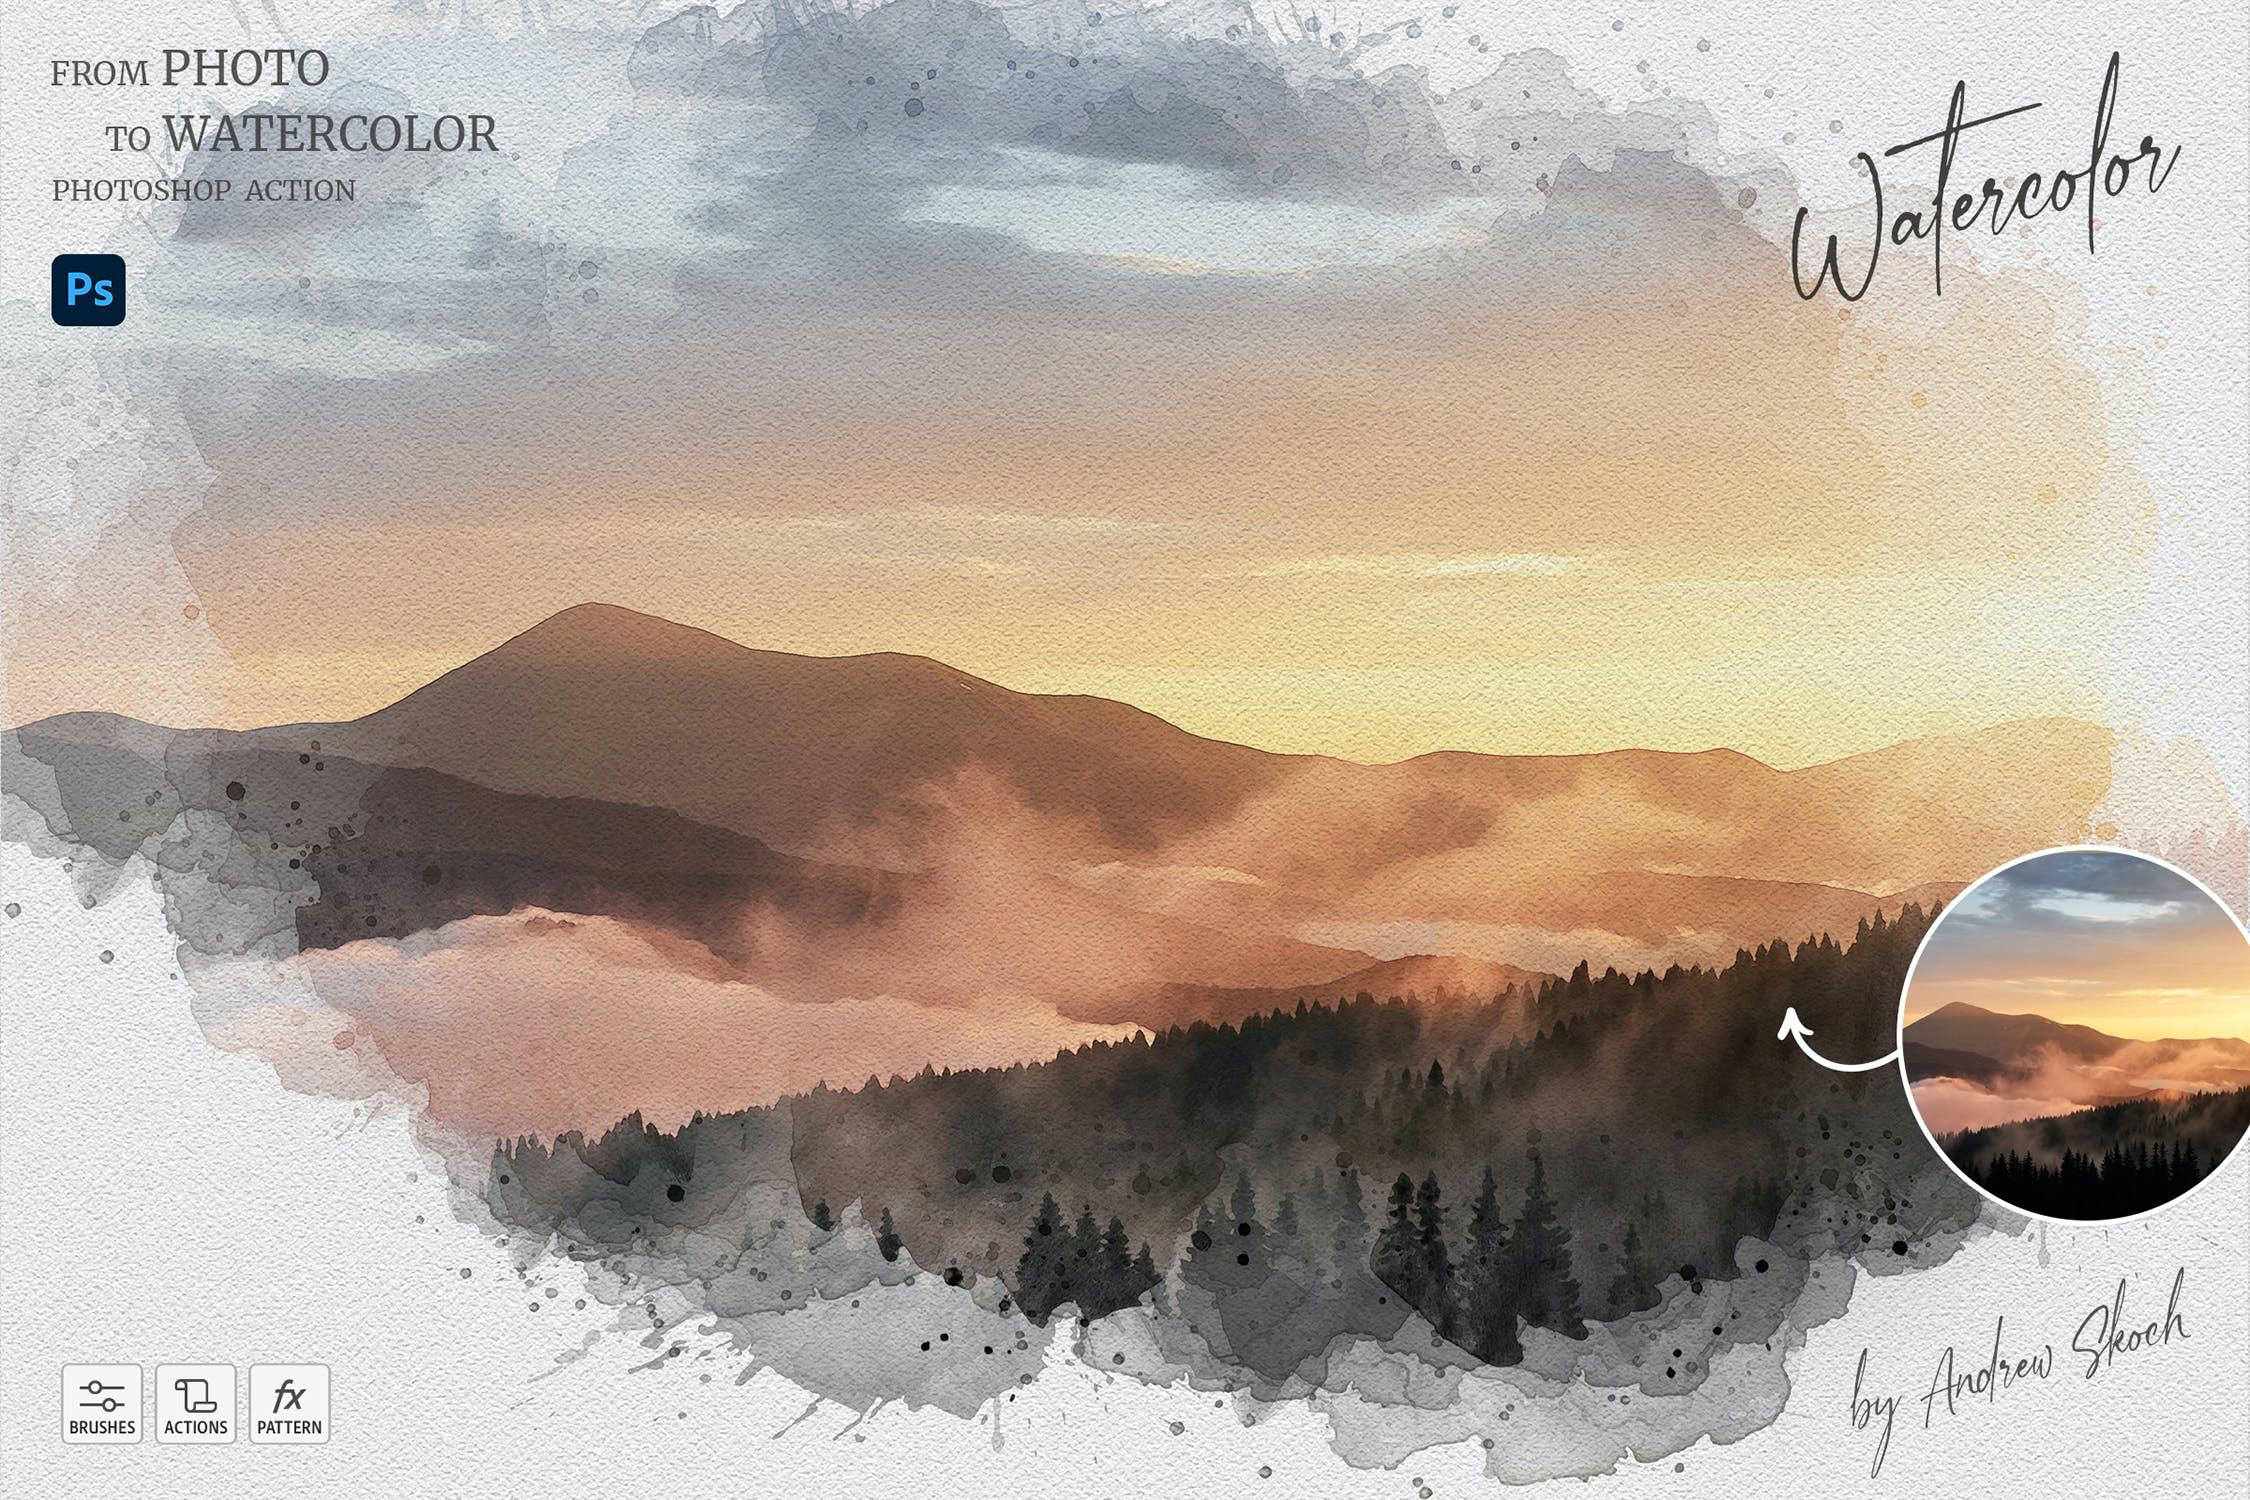 艺术创意照片转水彩画纹理的PS动作下载designshidai_bishua083